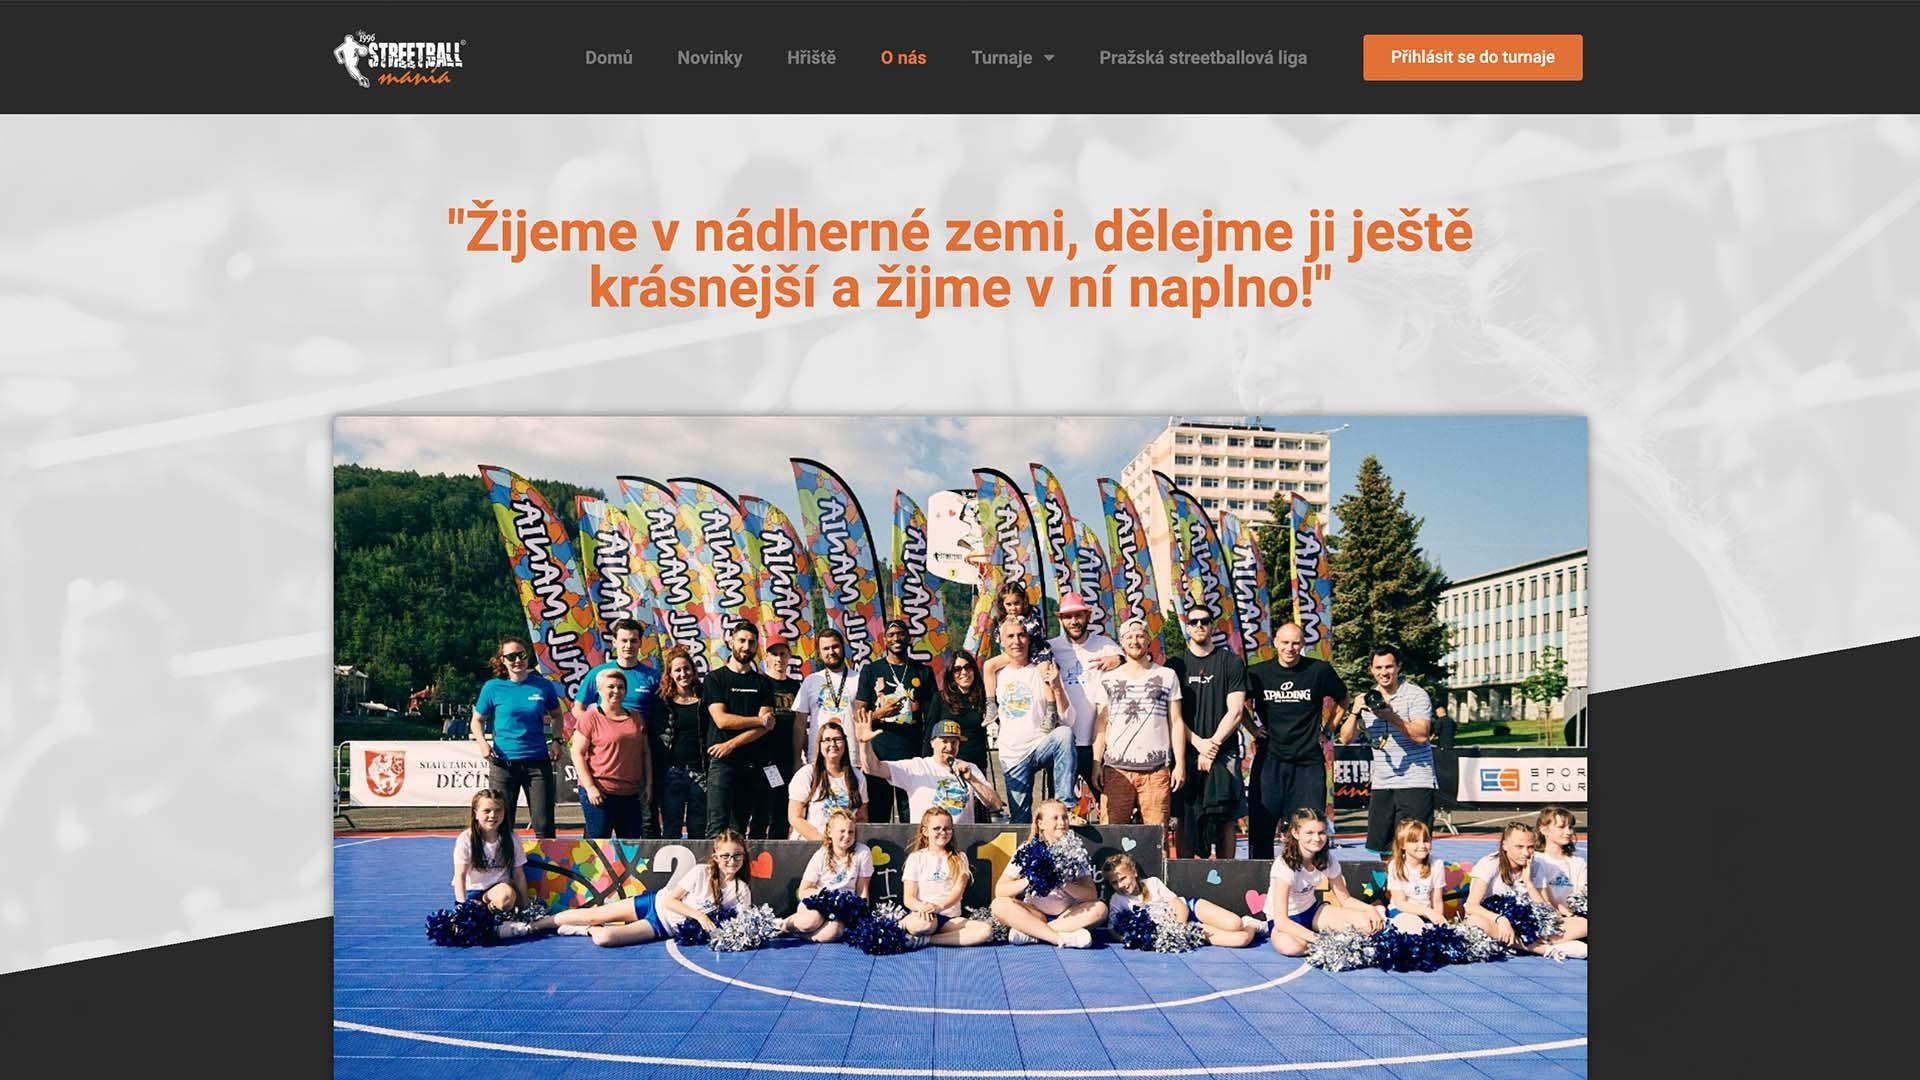 www.streetballmania.cz